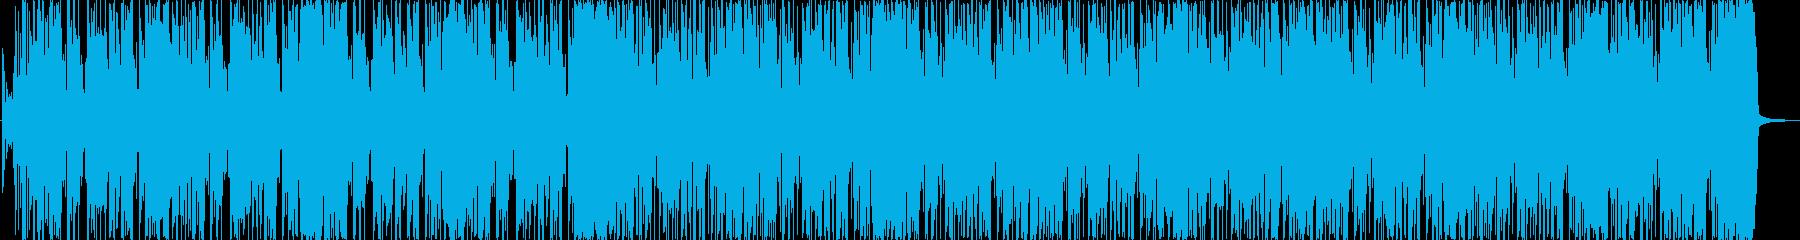 ハイウェイクルーズを楽しむアーバンな曲の再生済みの波形